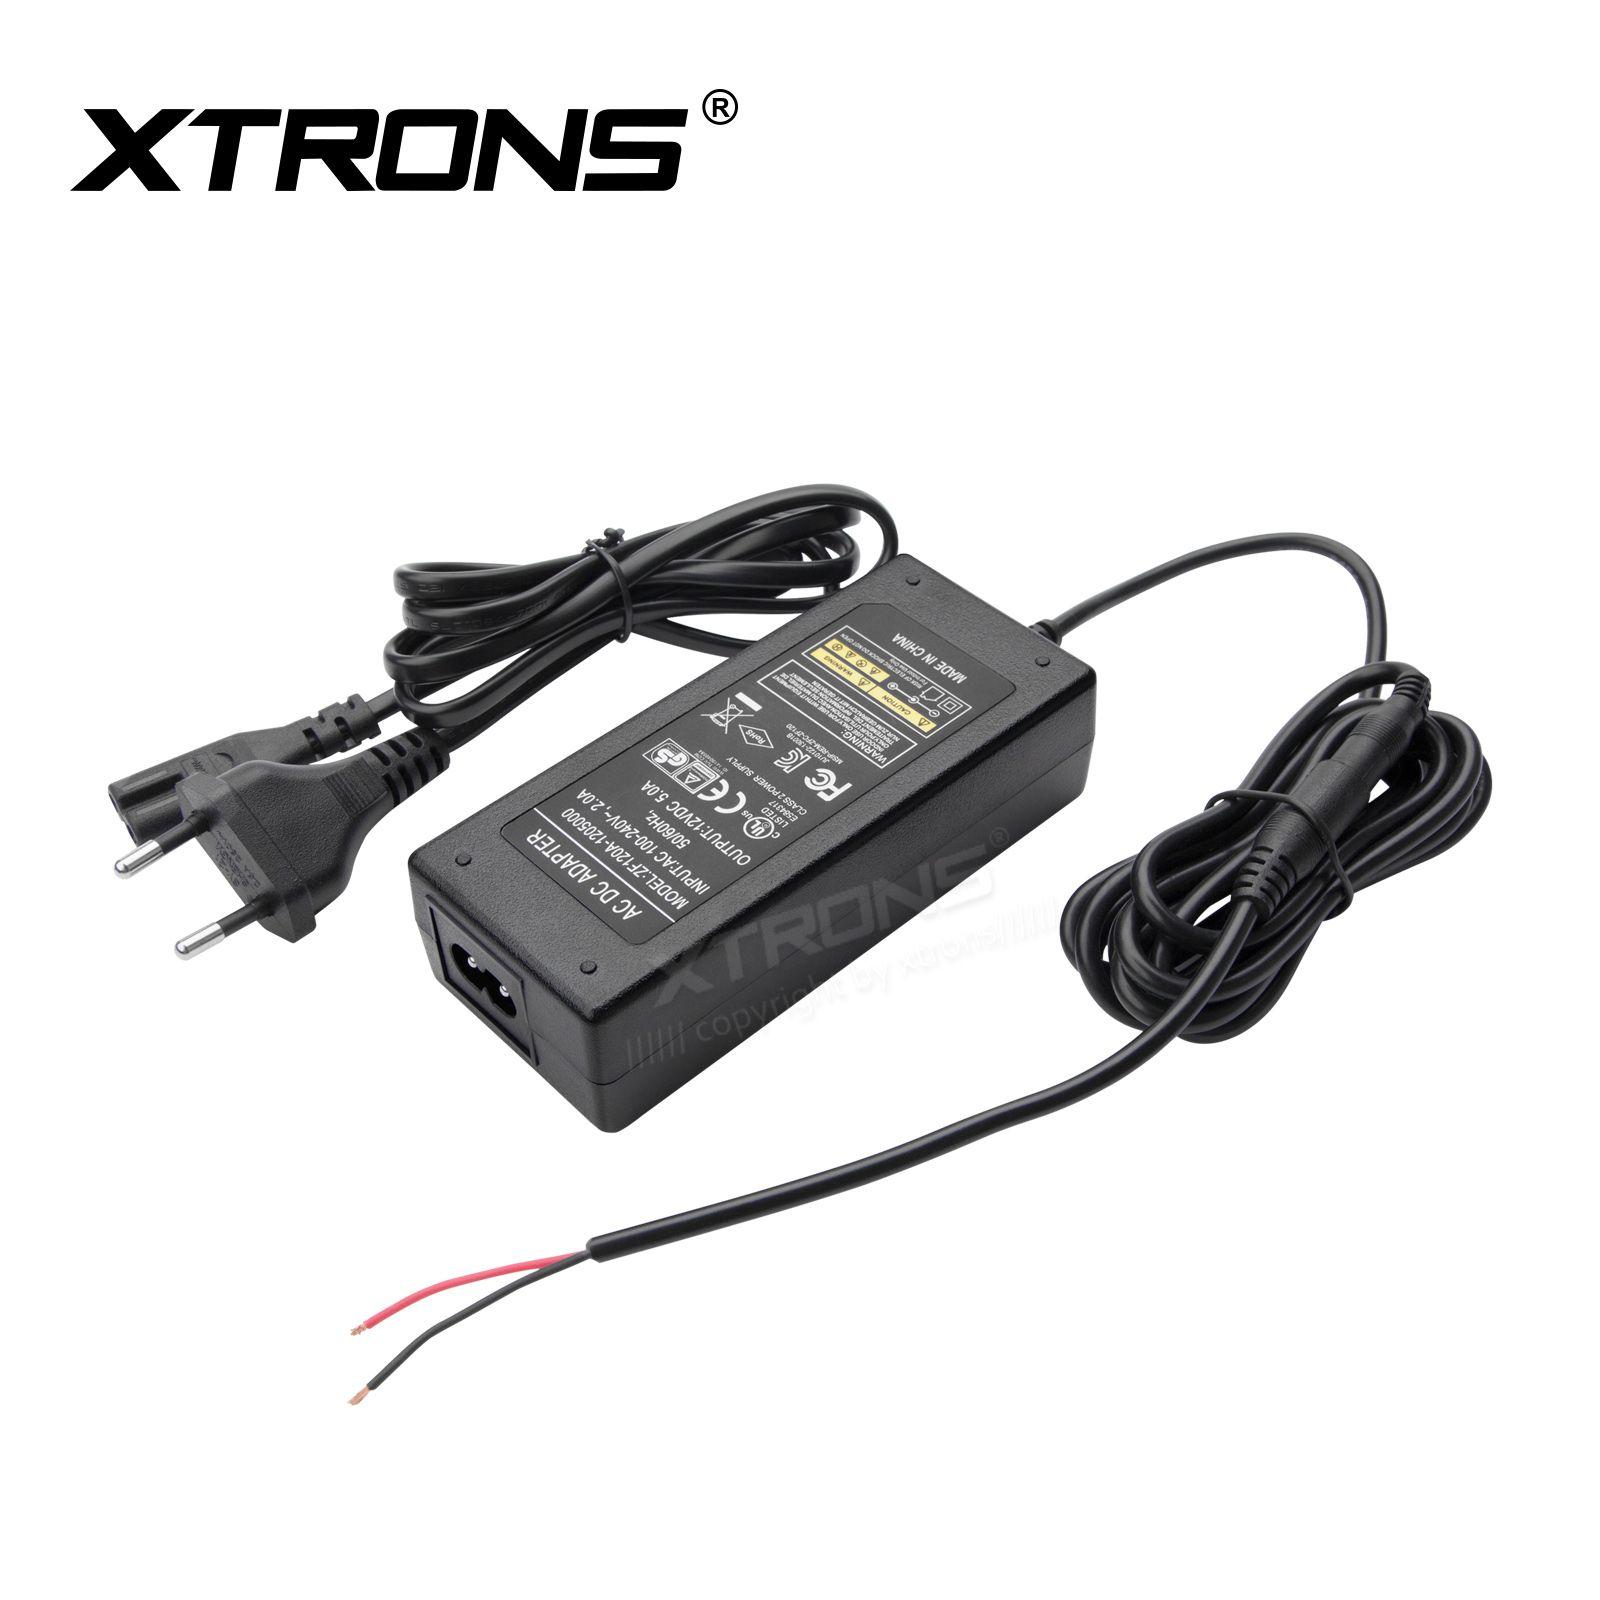 Ac Power Adapter Ac05 Eu Power Adapter Adapter Adapter Plug